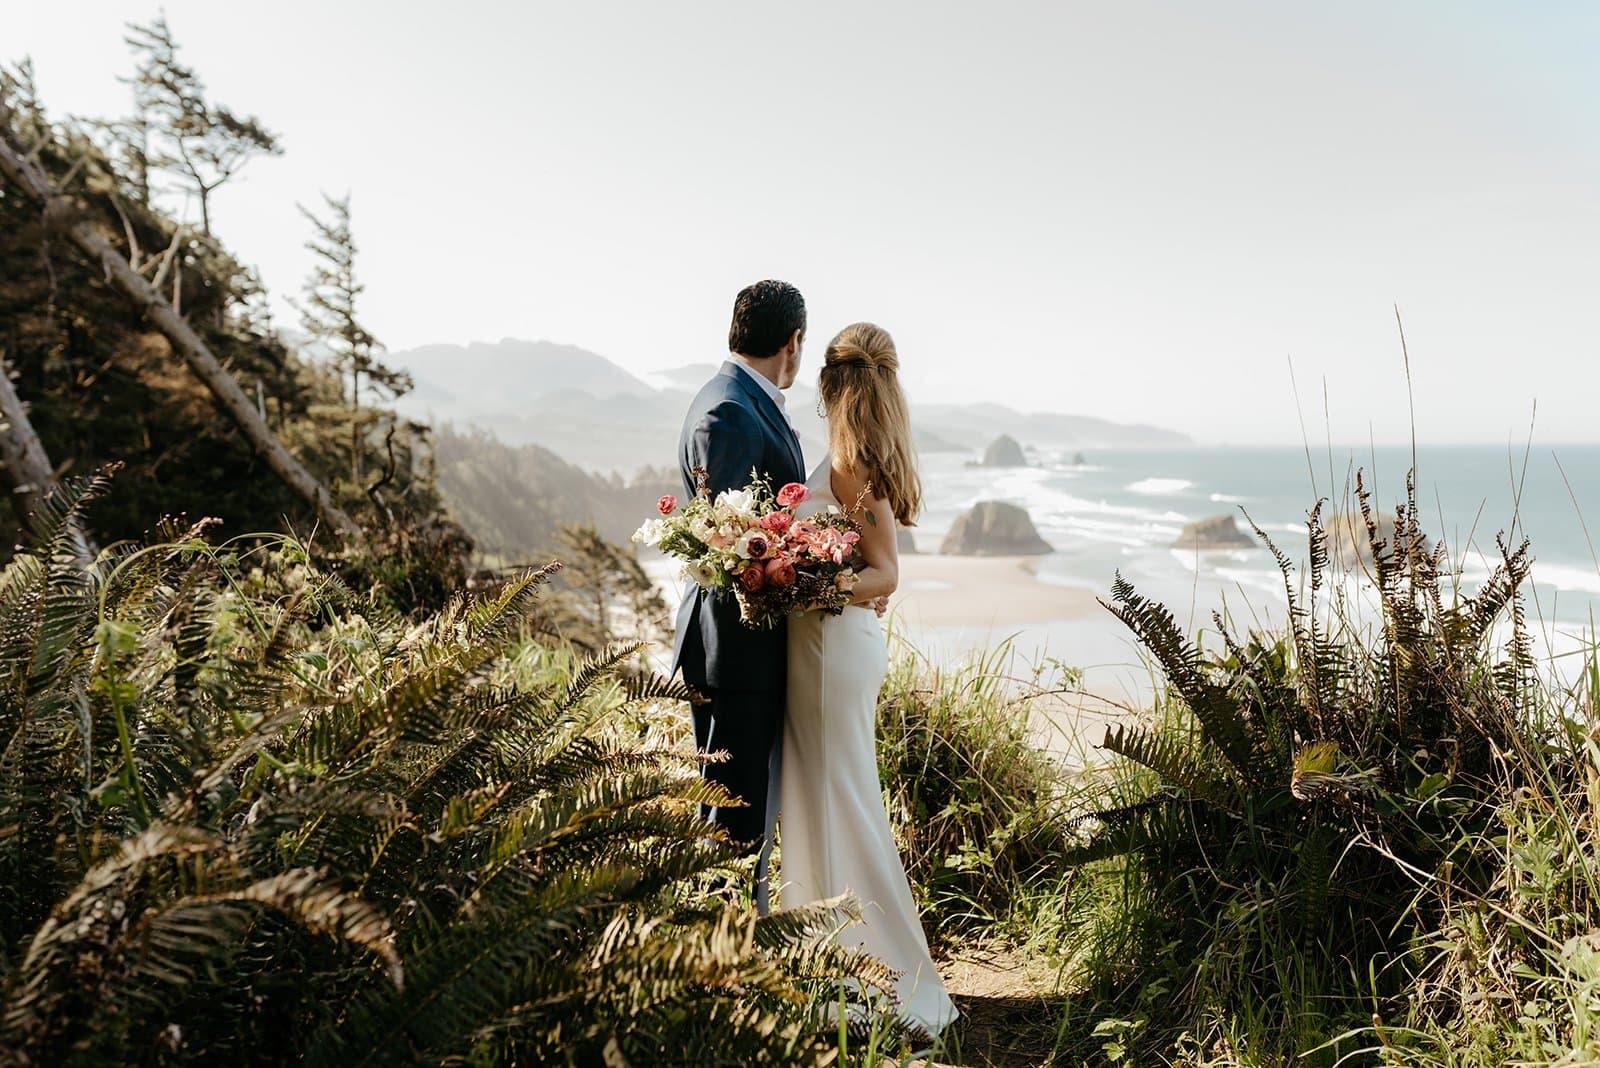 Wedding photos at cannon beach